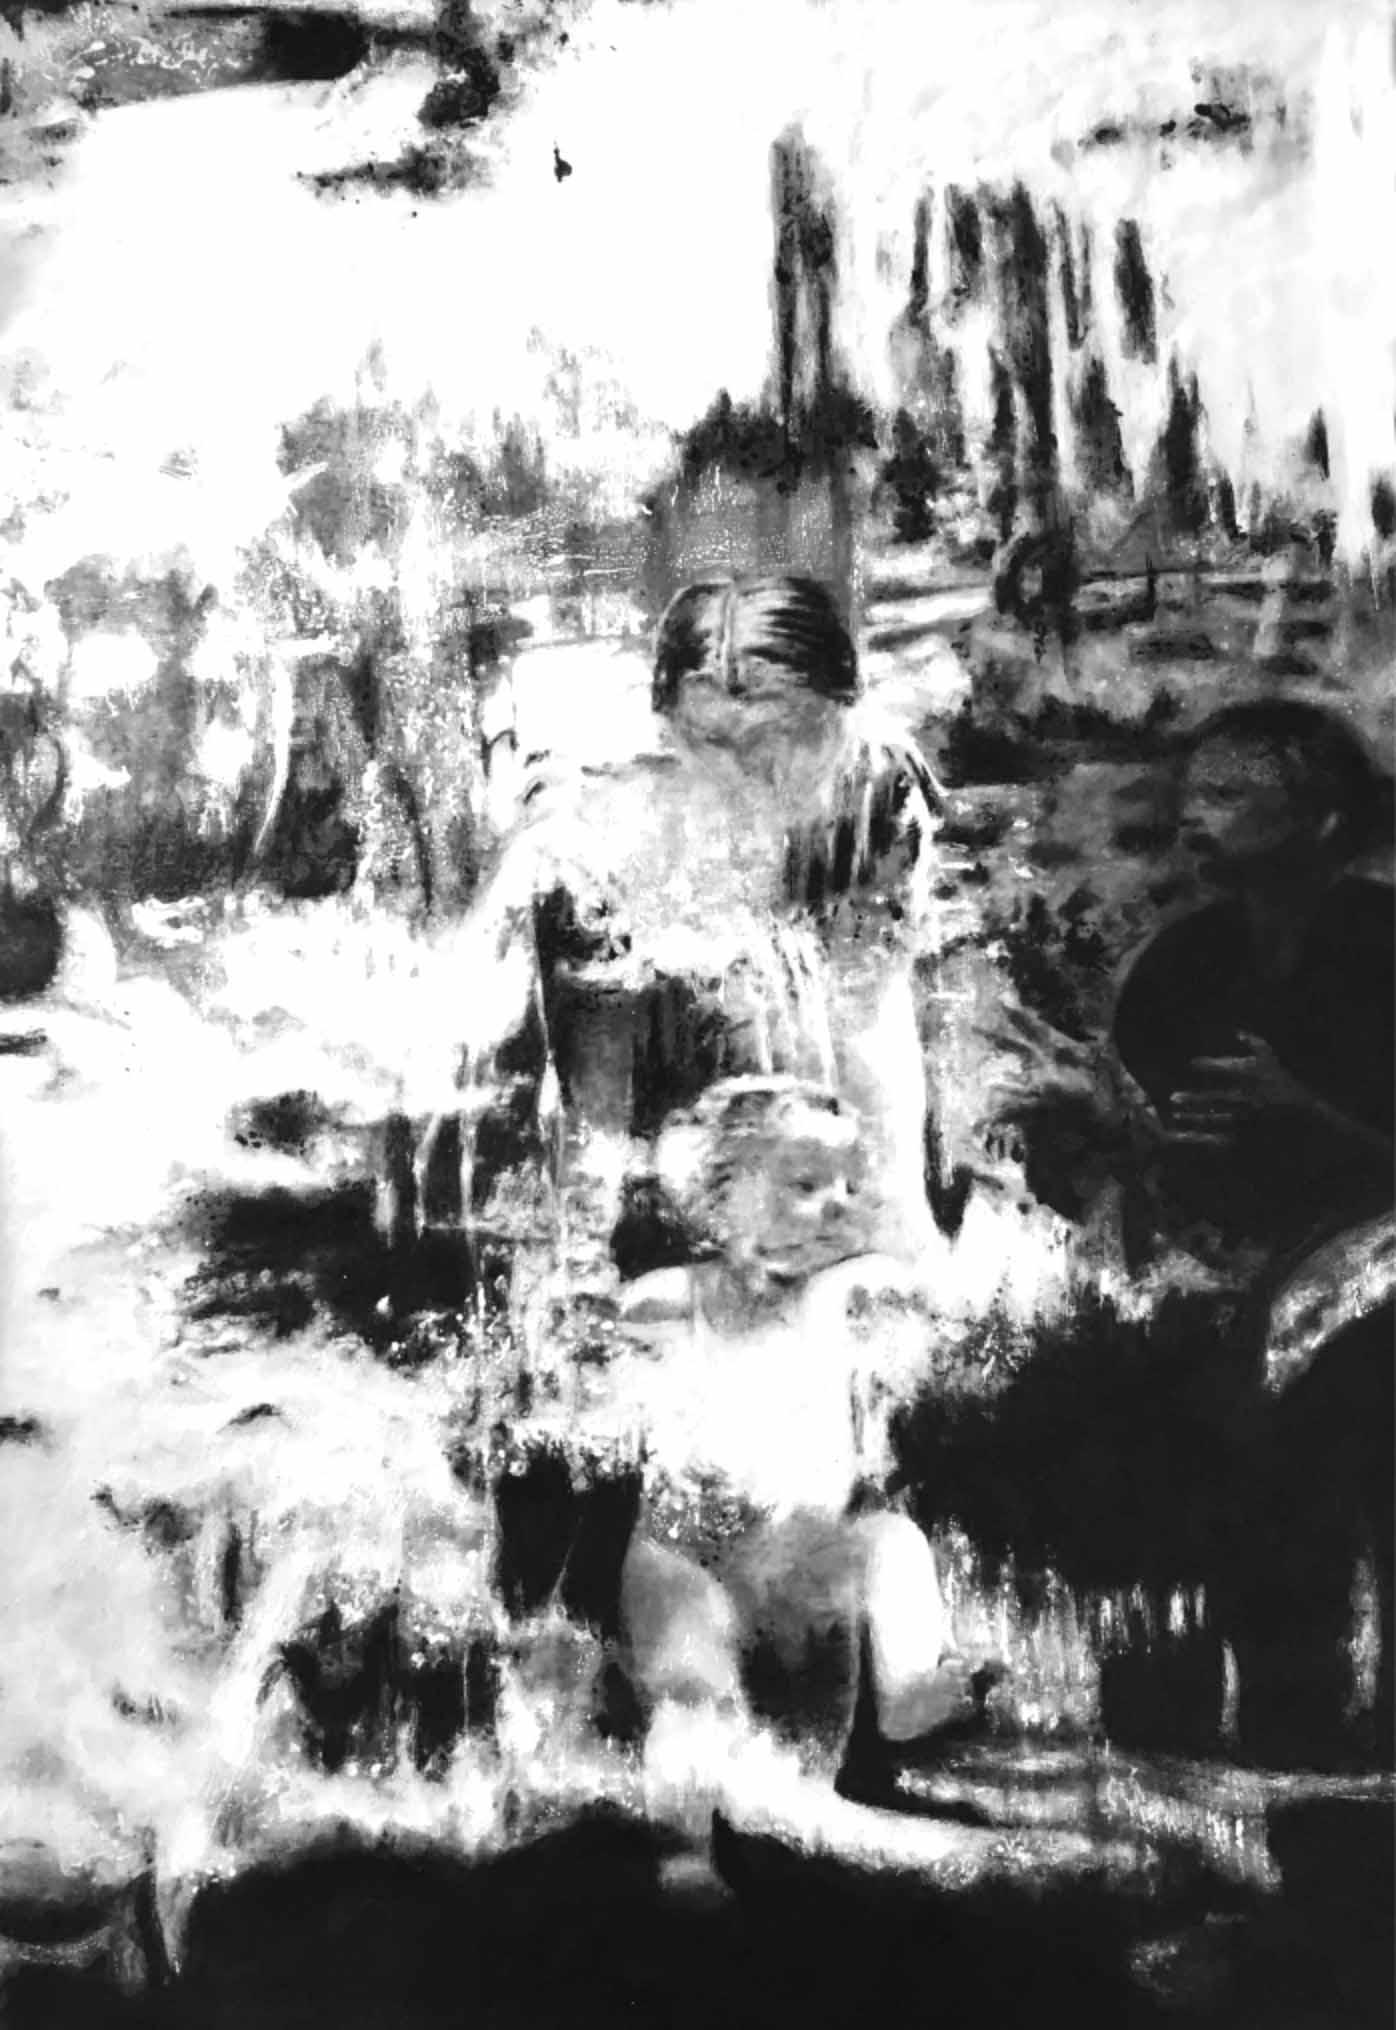 """"""" L'Amour Inconditionnel """"- Encre de Chine noire et blanche sur toile 1.20 X 0.80 - Collection privée -"""